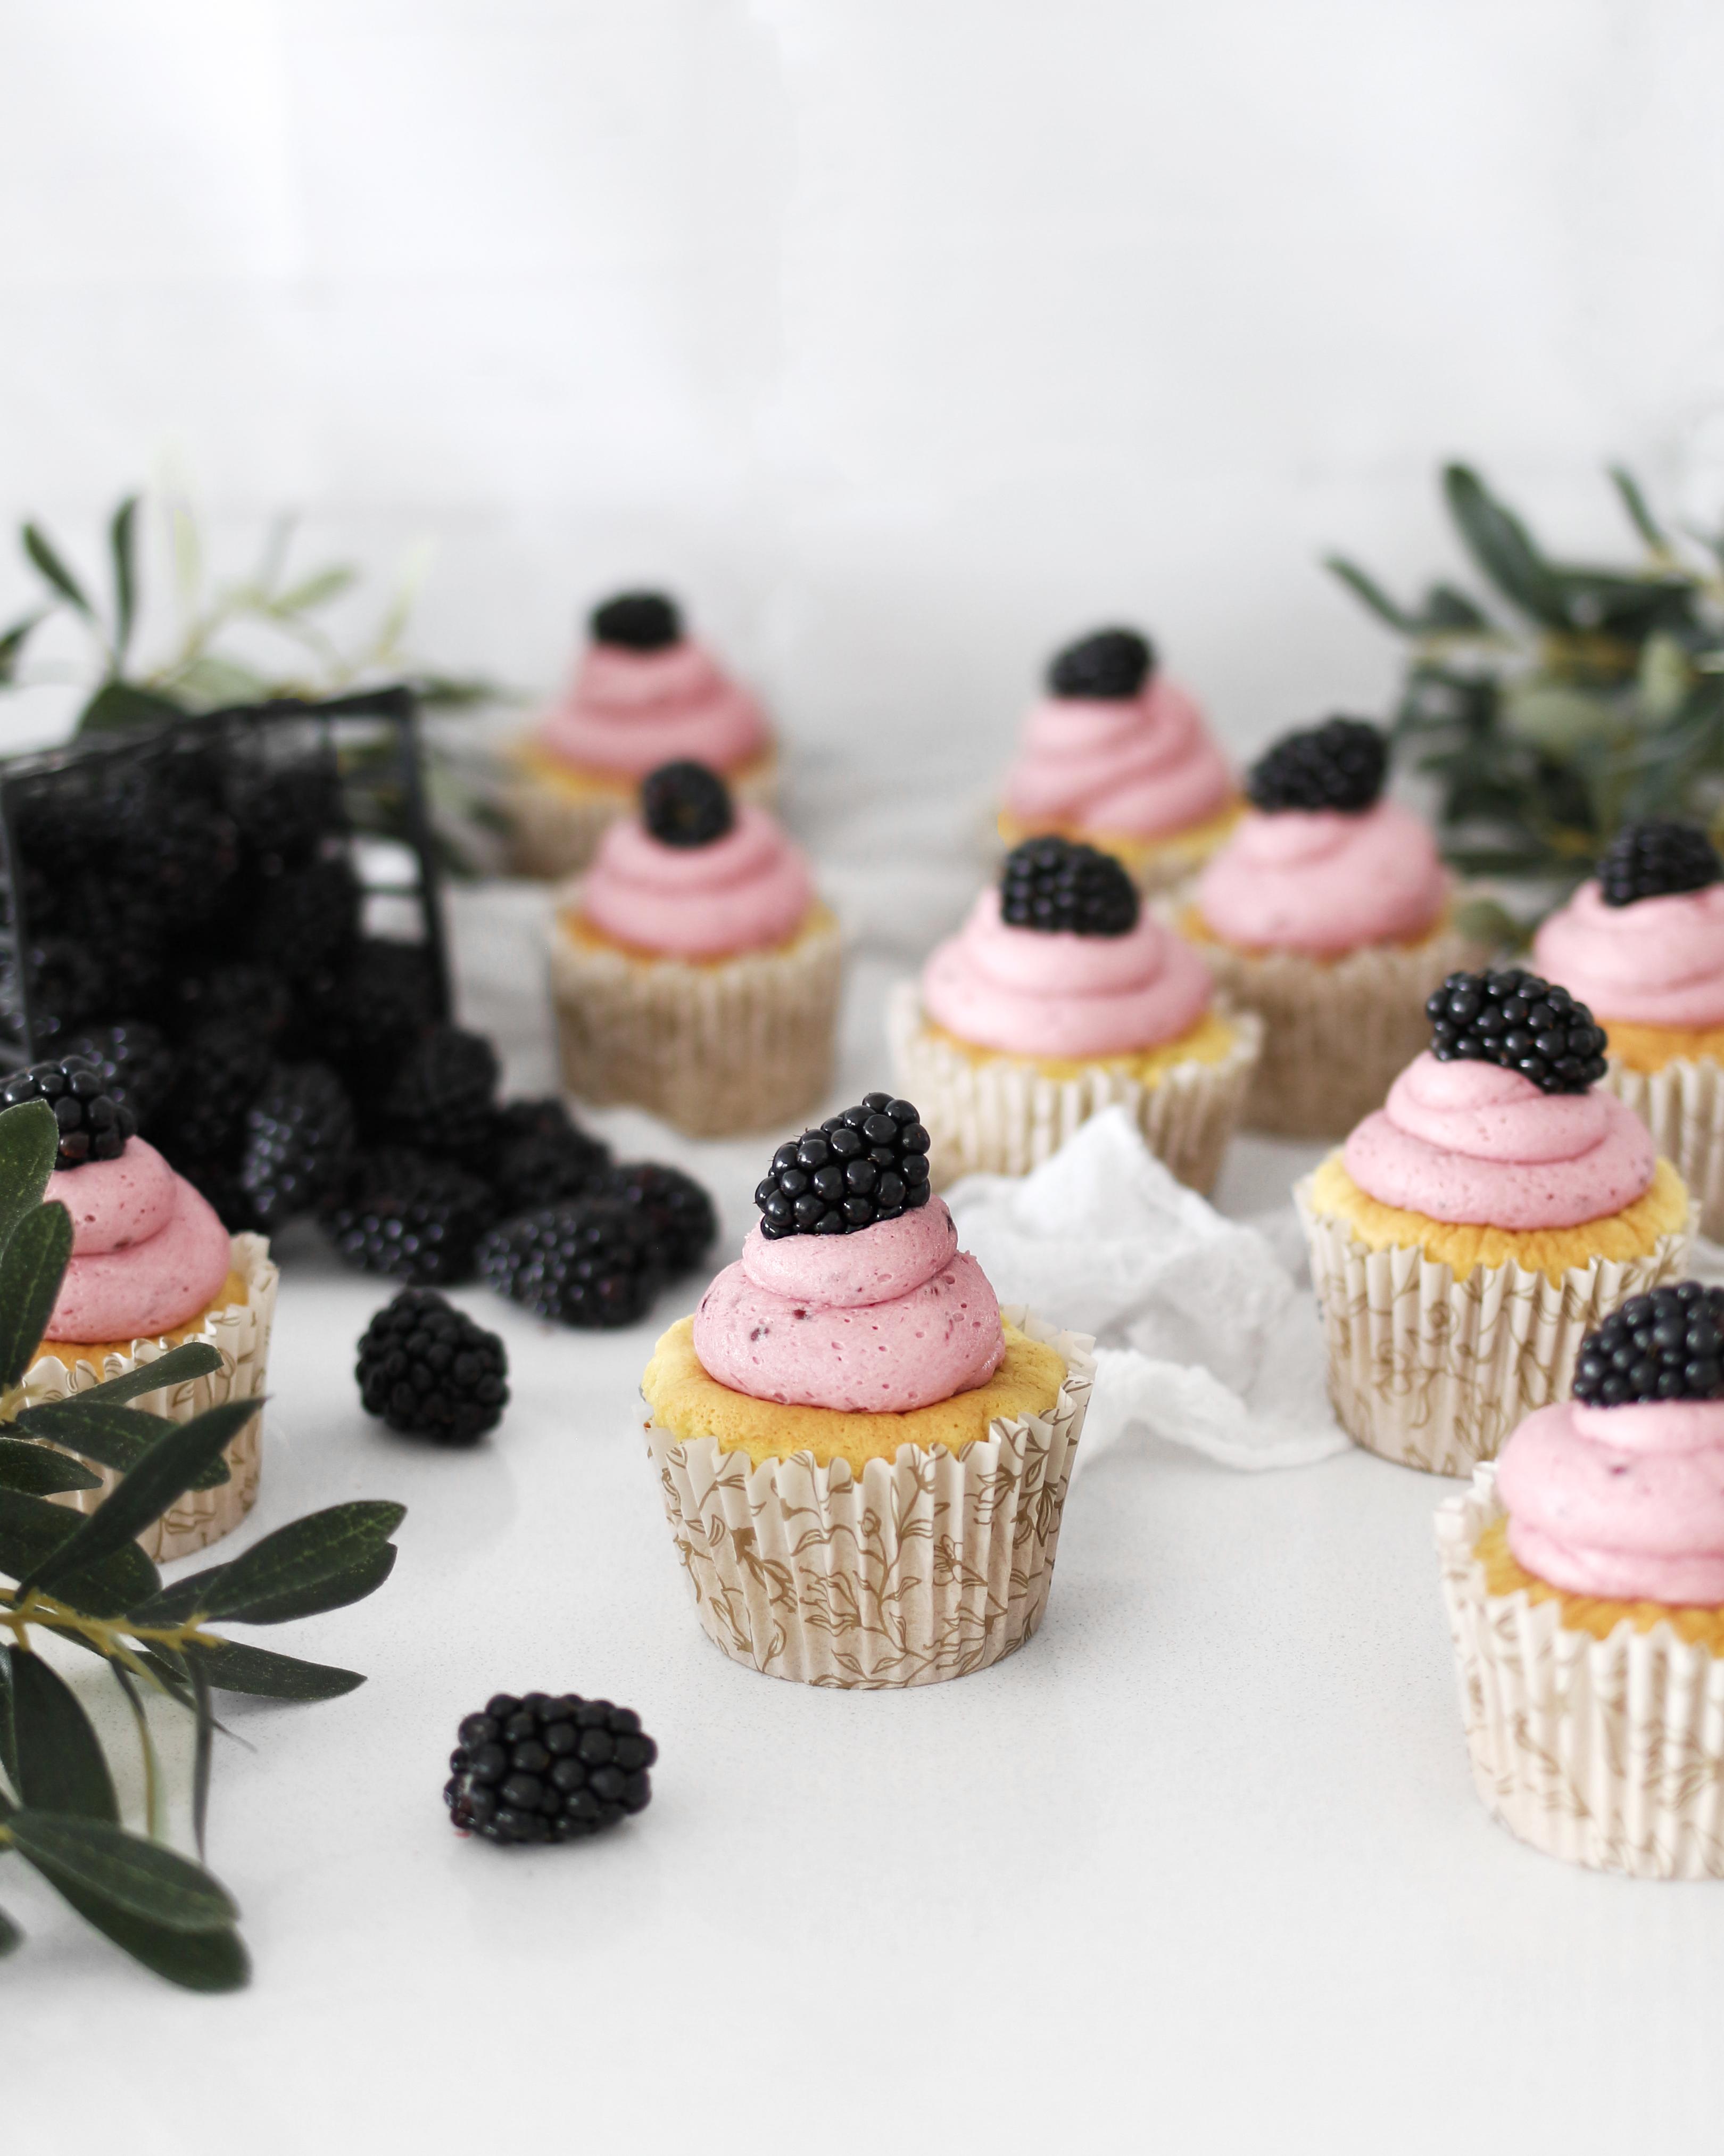 mjúkar og klessulegar marsípan bollakökur cupcakes með silkimjúku brómberja smjörkremi